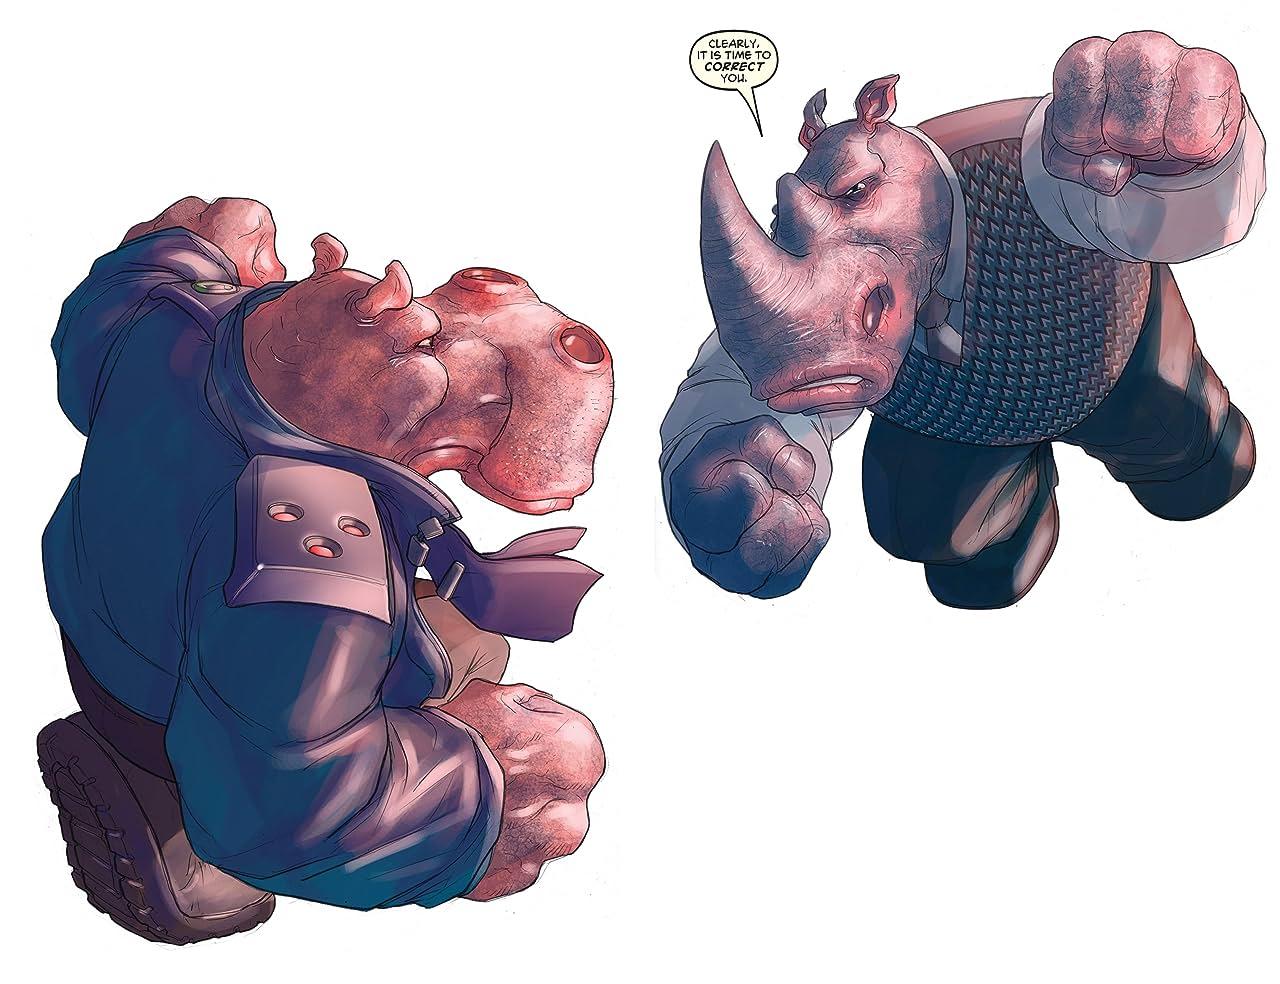 Elephantmen #61